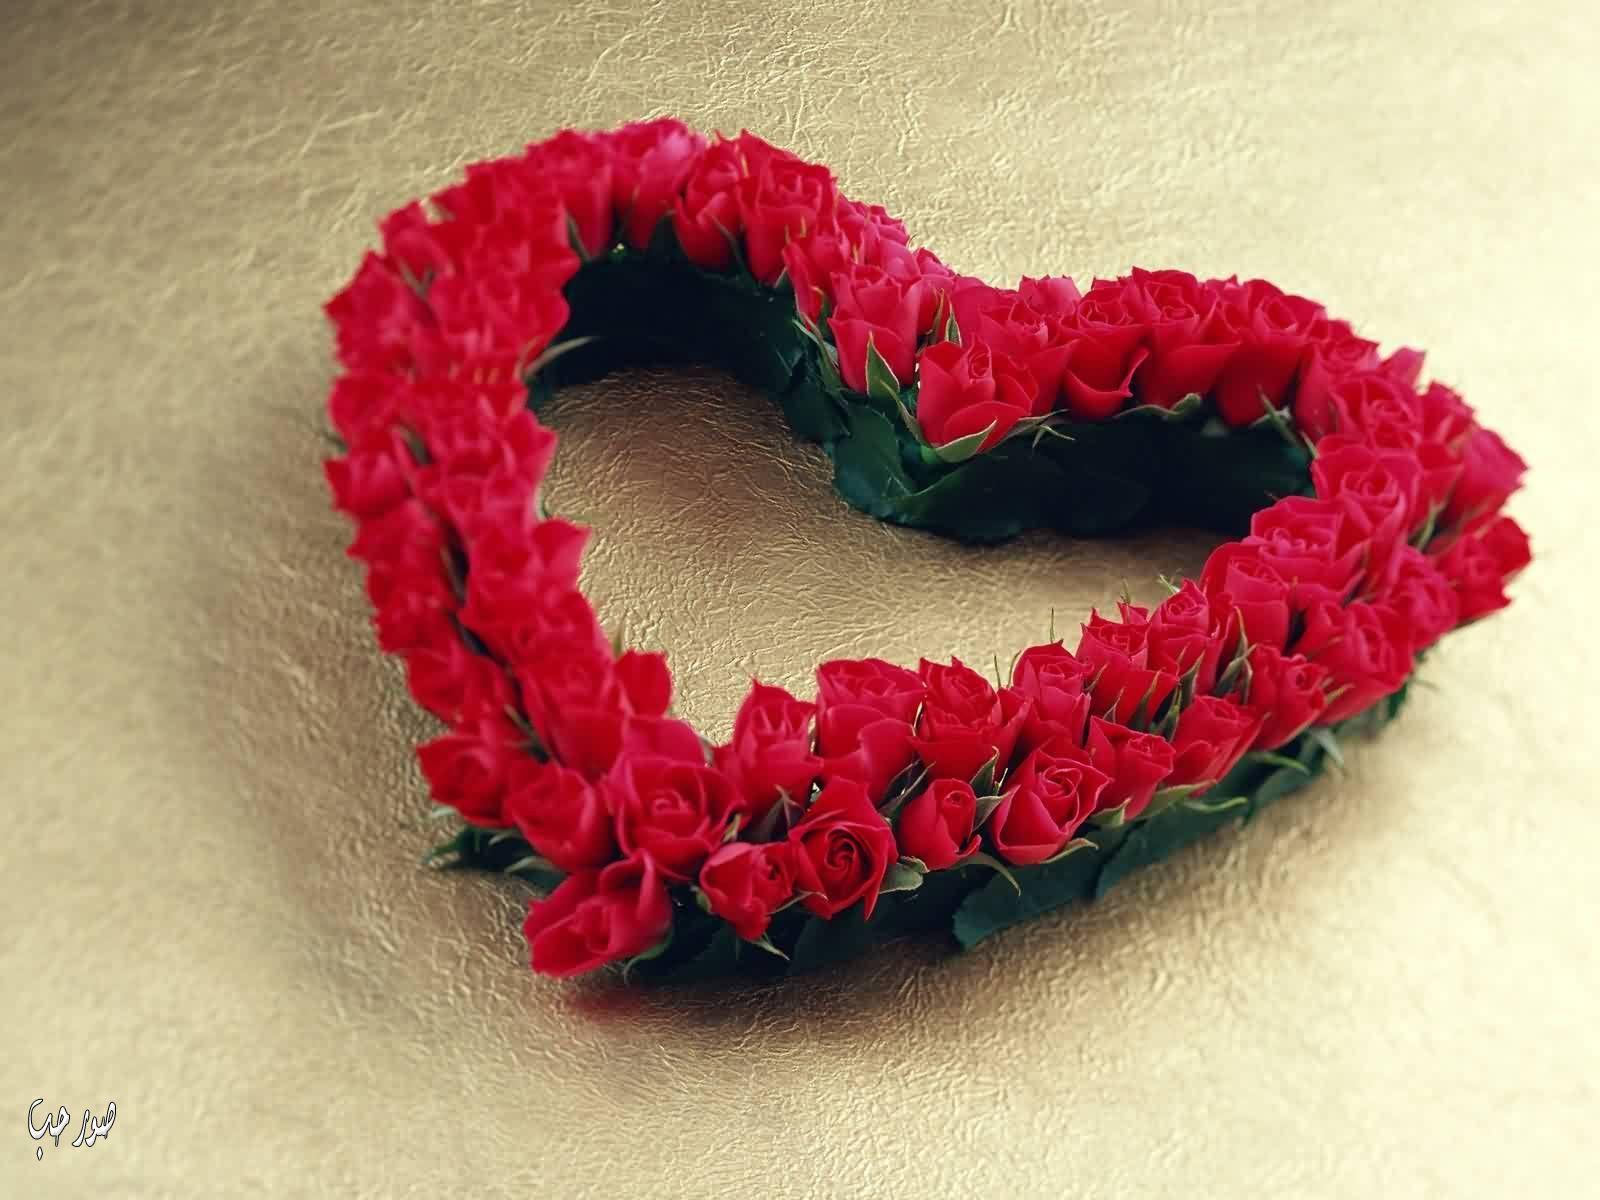 خلفيات حب قلوب ورد ورود للكمبيوتر صور رومانسية للاب توب مذهلة Love Hearts Red Roses Free Valentine Flower Gift